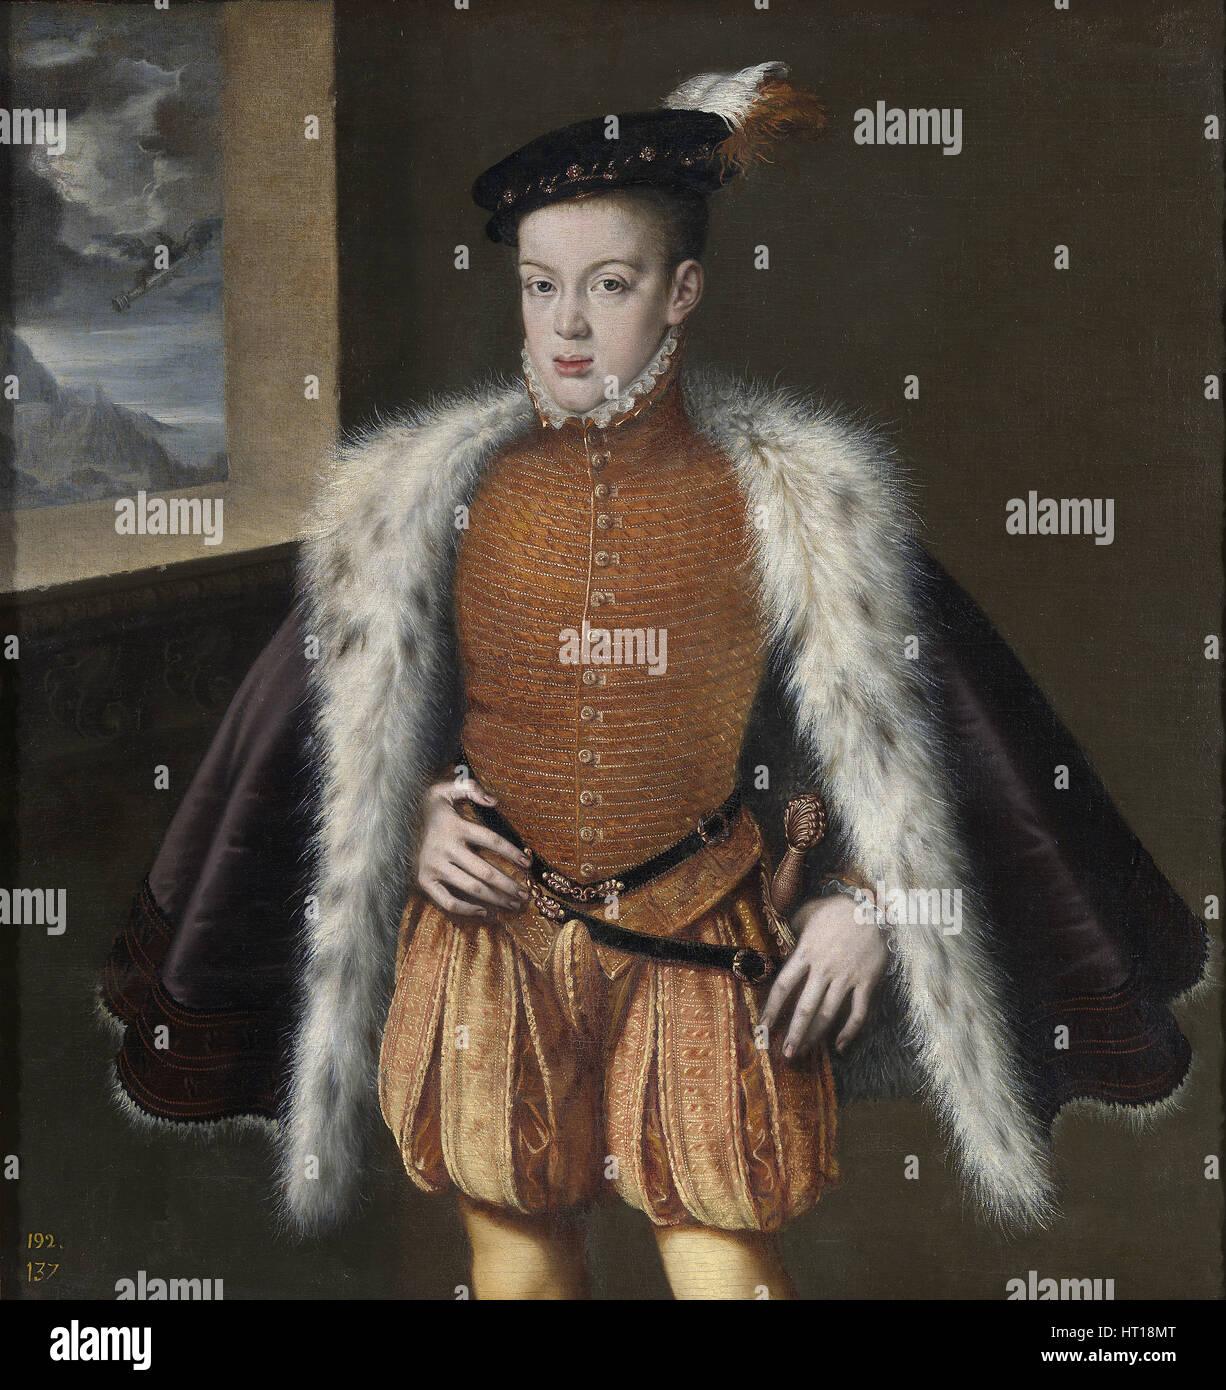 Don Carlos, Prince of Asturias, 1555-1559. Artist: Sánchez Coello, Alonso (1531-1588) - Stock Image